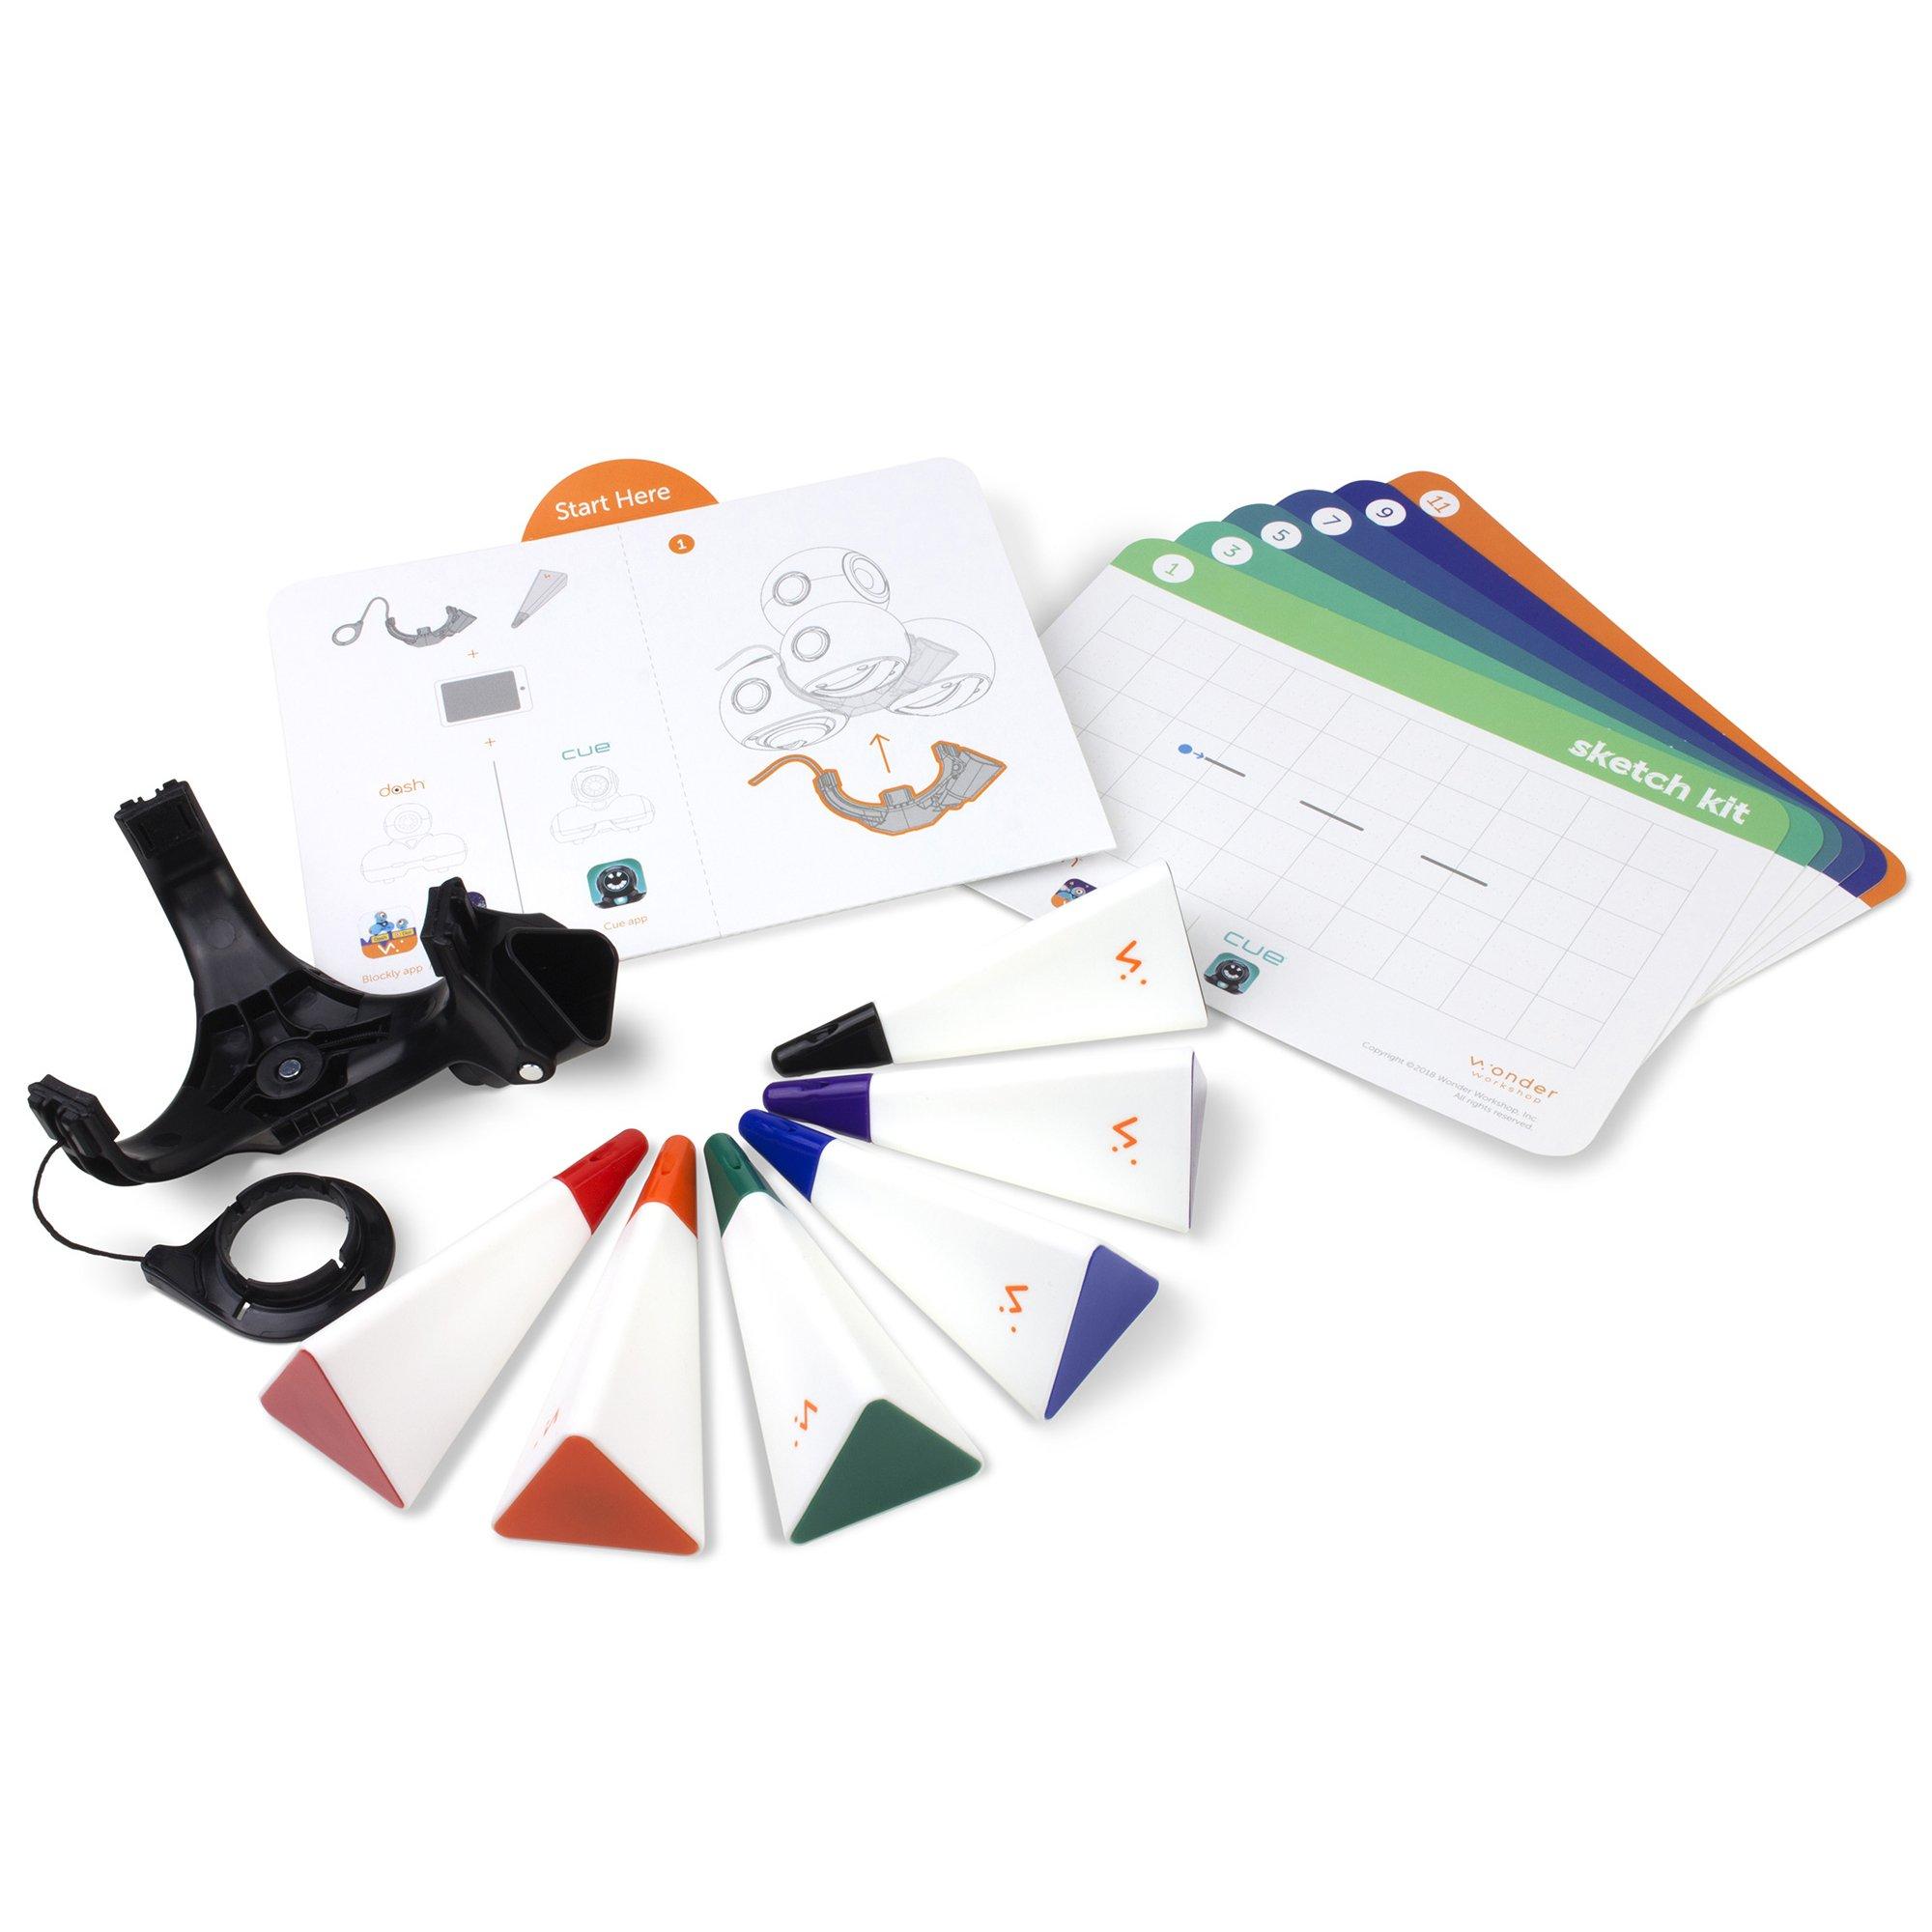 Wonder Workshop – Dash Robot Coding for Kids 6+ – Dash Challenge Cards and Sketch Kit Bundle – (Amazon Exclusive) by Wonder Workshop (Image #3)